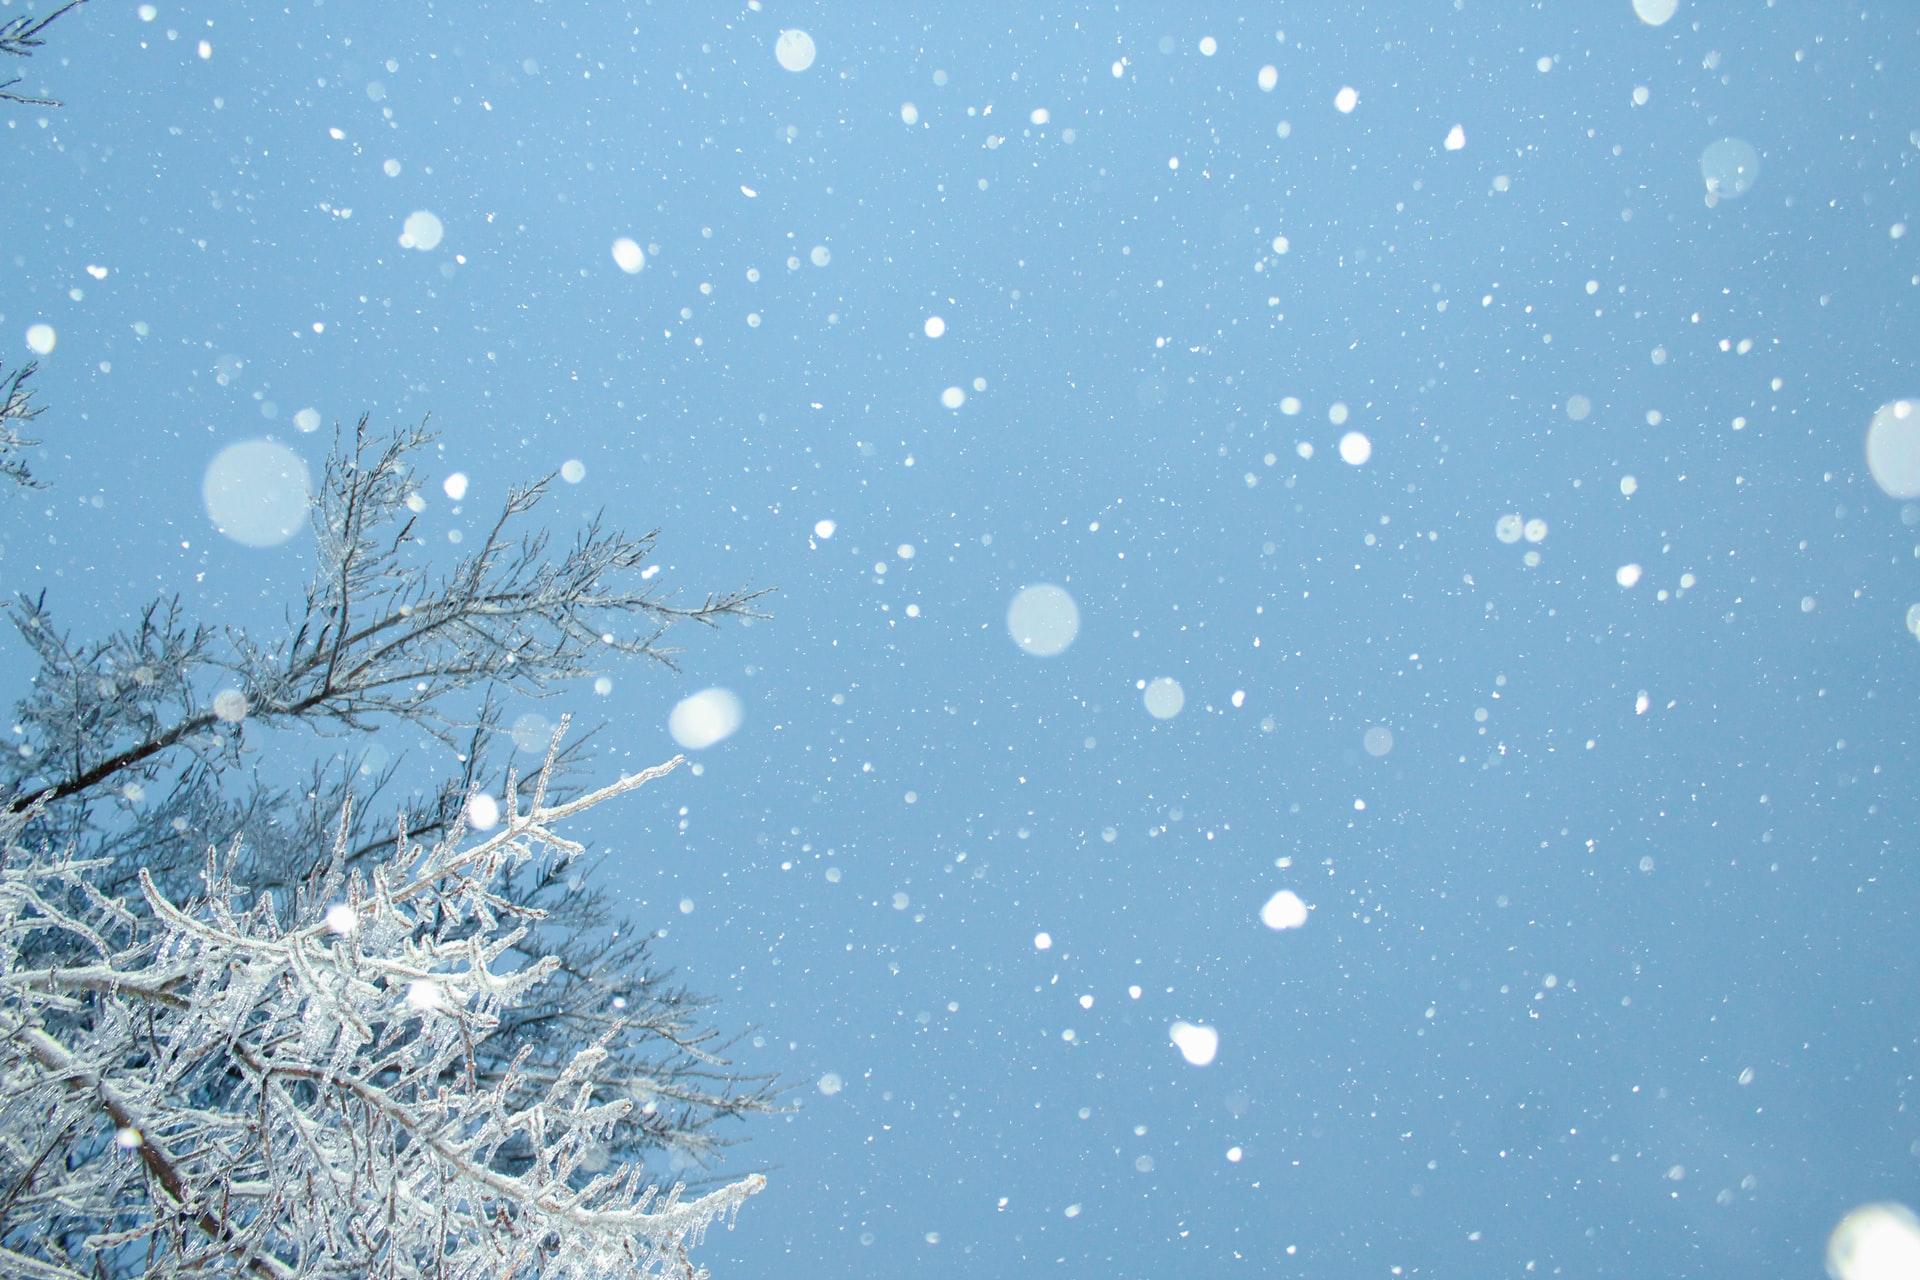 Za kilka dni czeka nas mróz i śnieg